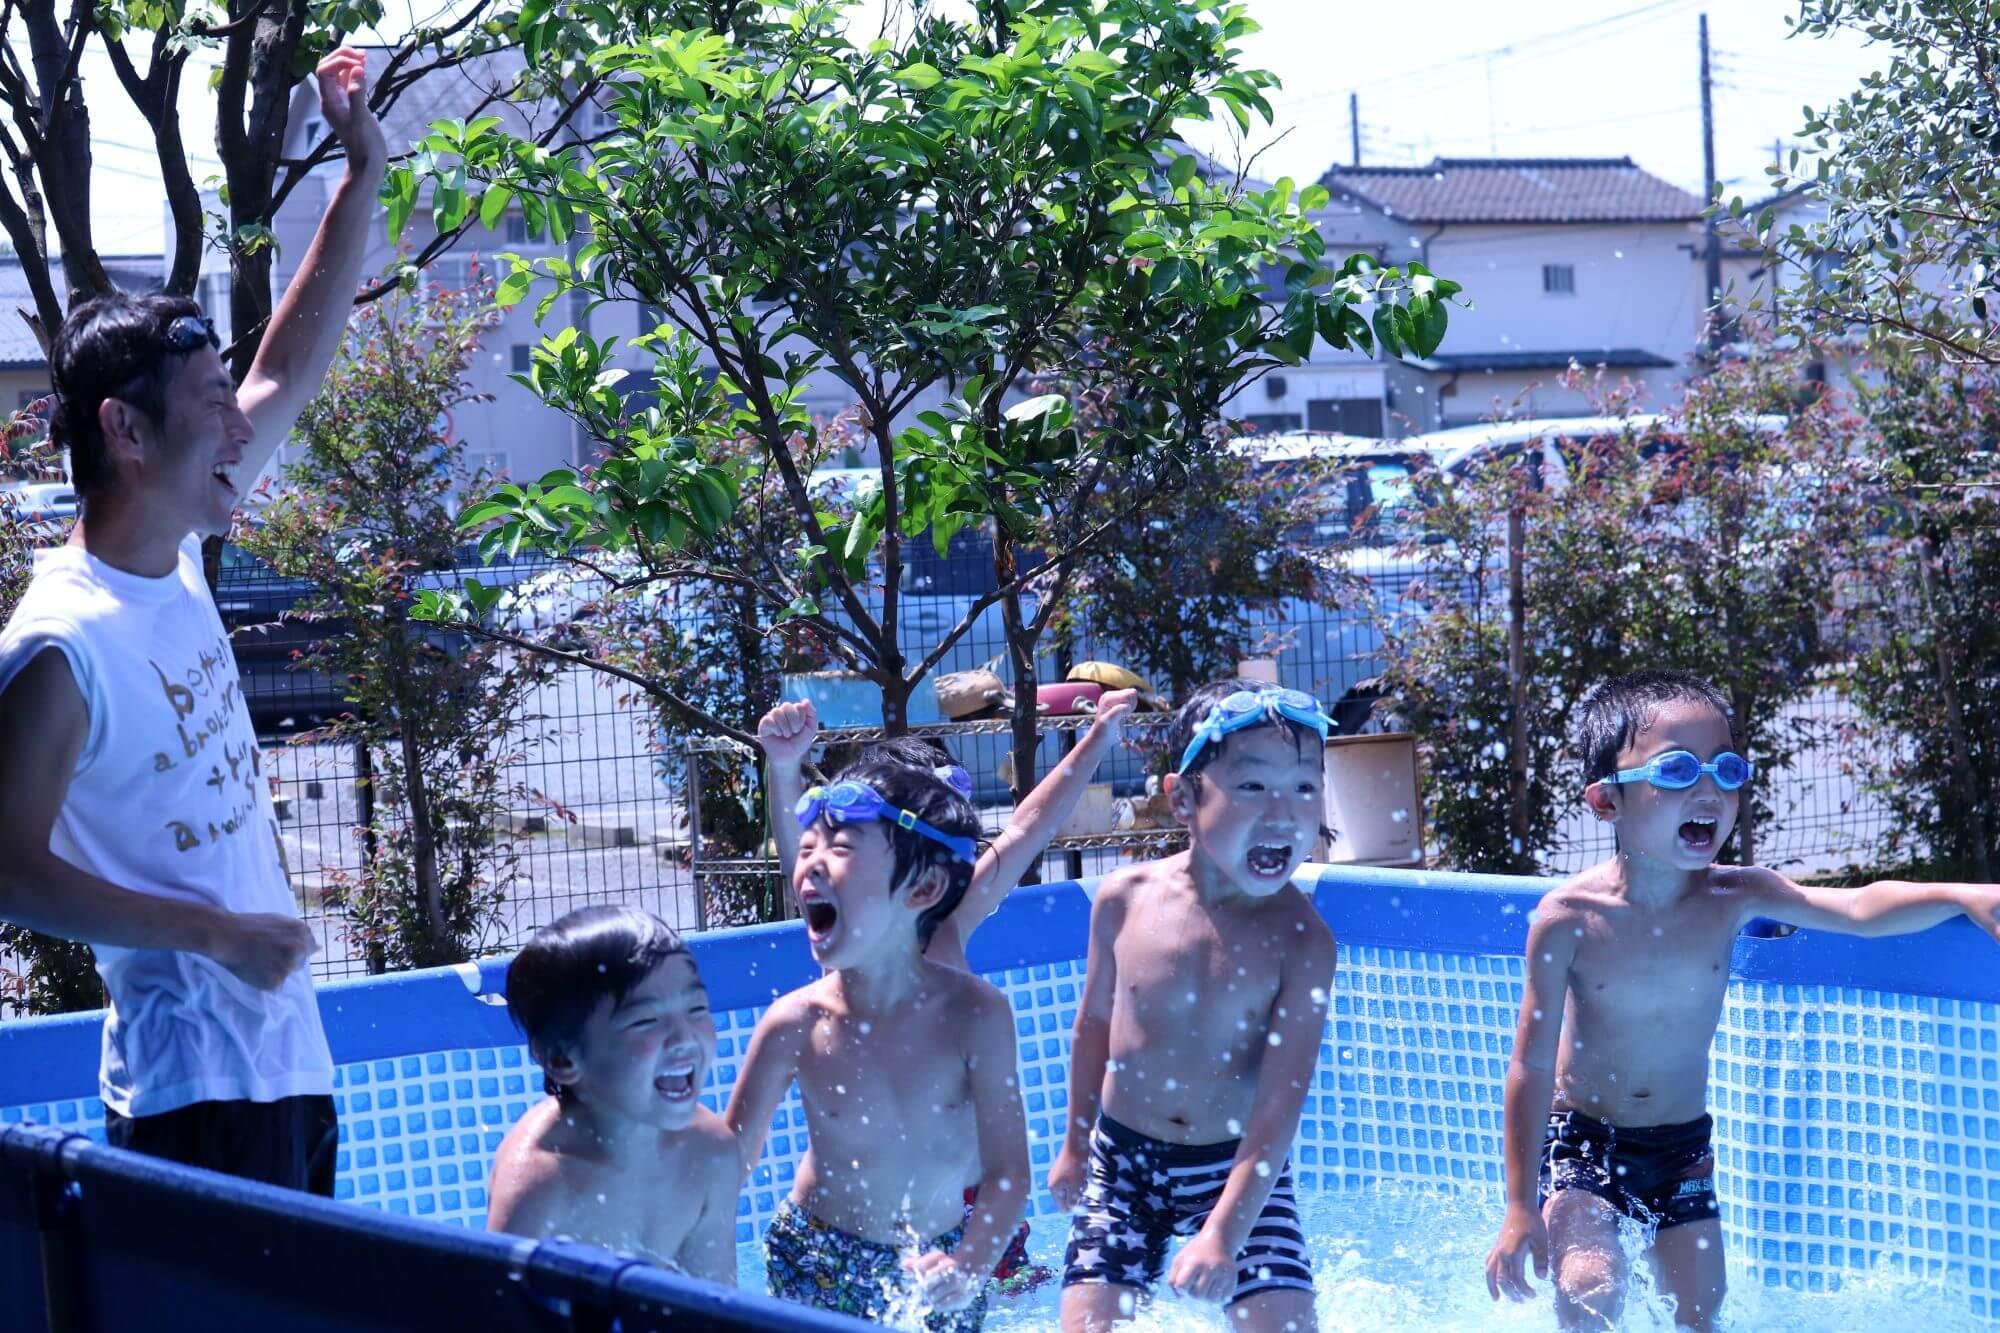 プール遊びの様子(写真は過去のもの)